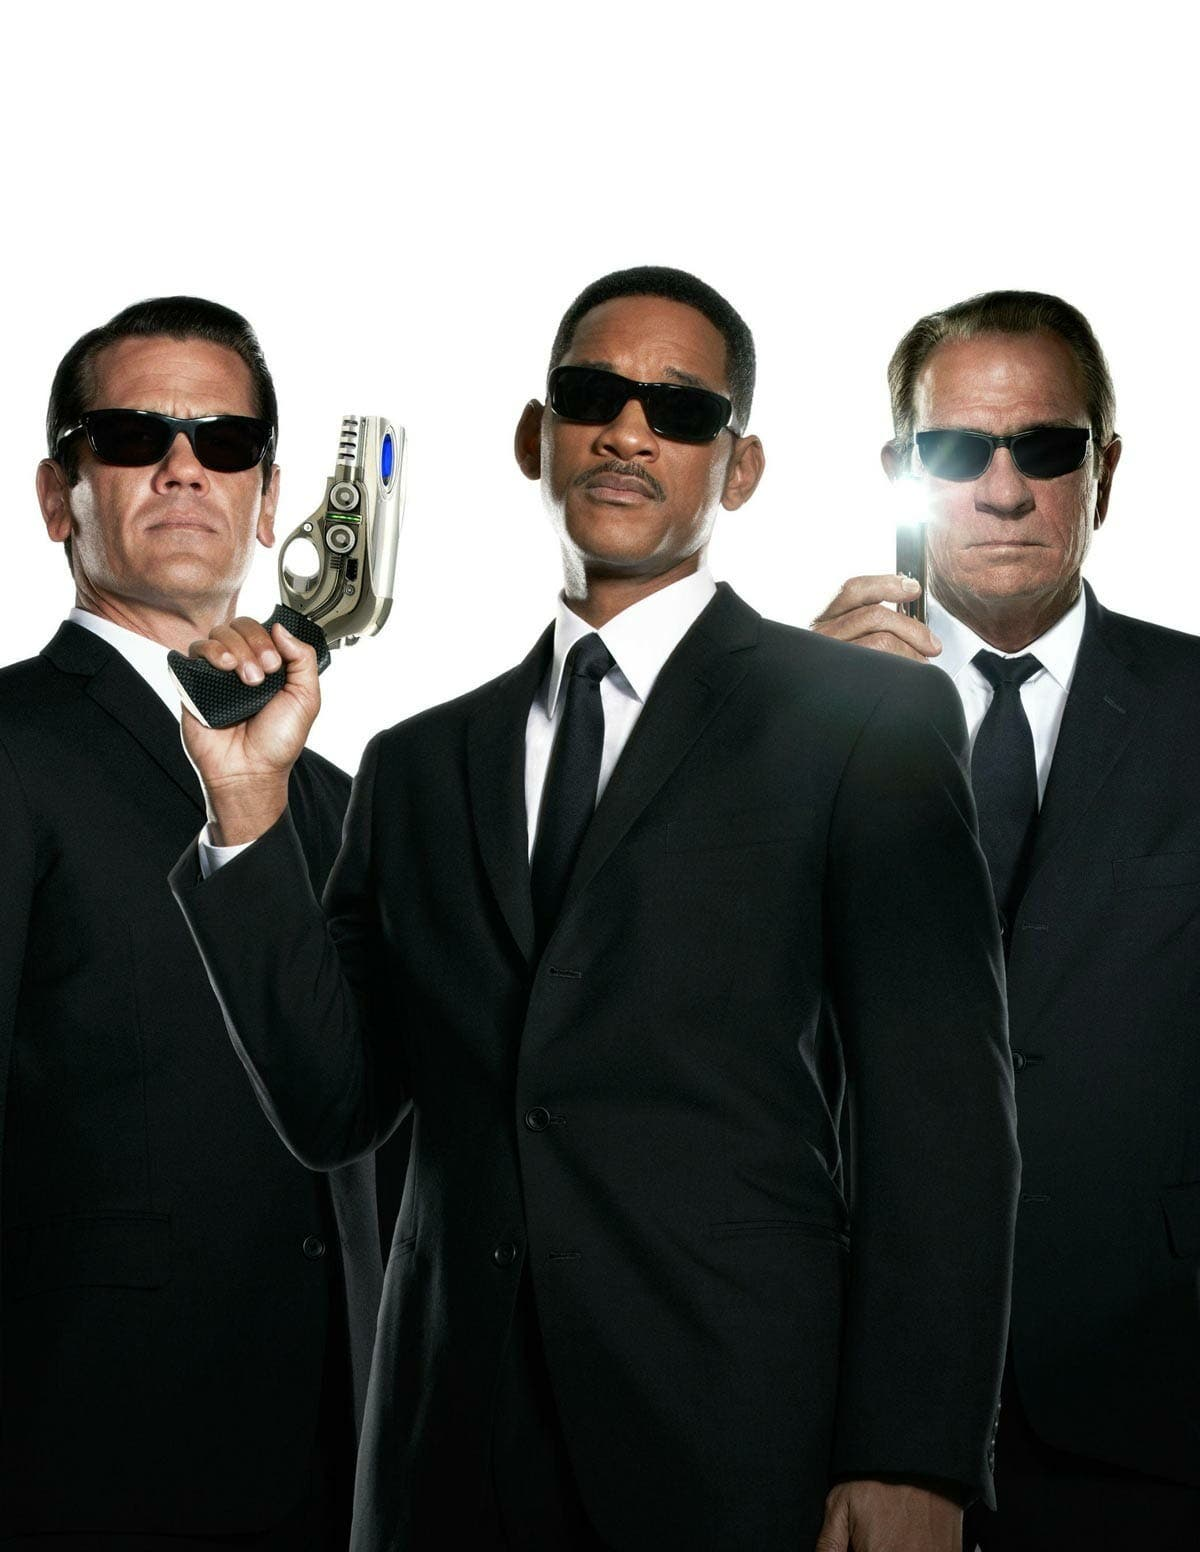 men in black 3 anuncio de ray ban